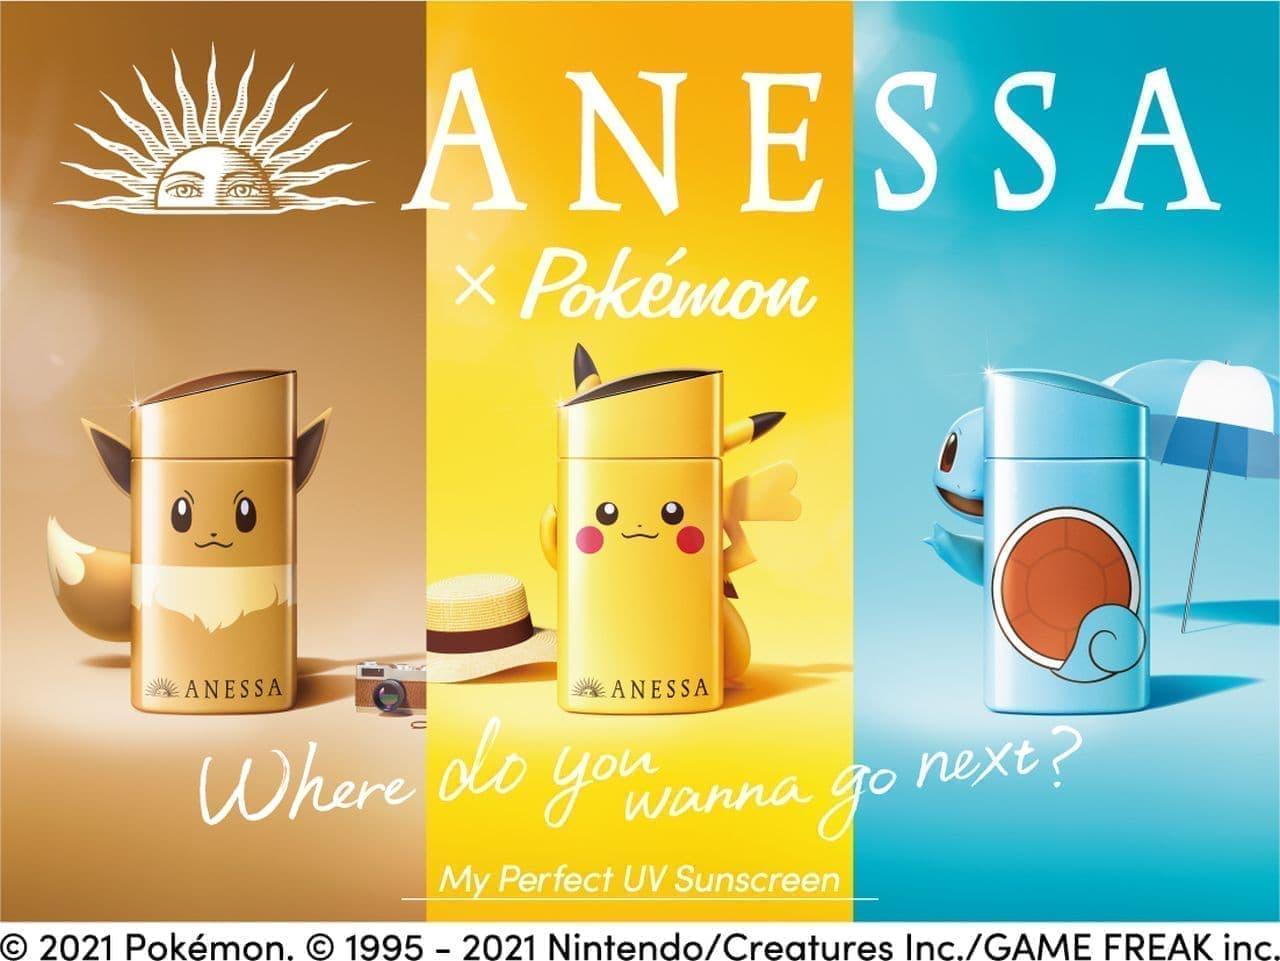 「アネッサ パーフェクトUV スキンケアミルクa」のポケモン限定パッケージ商品